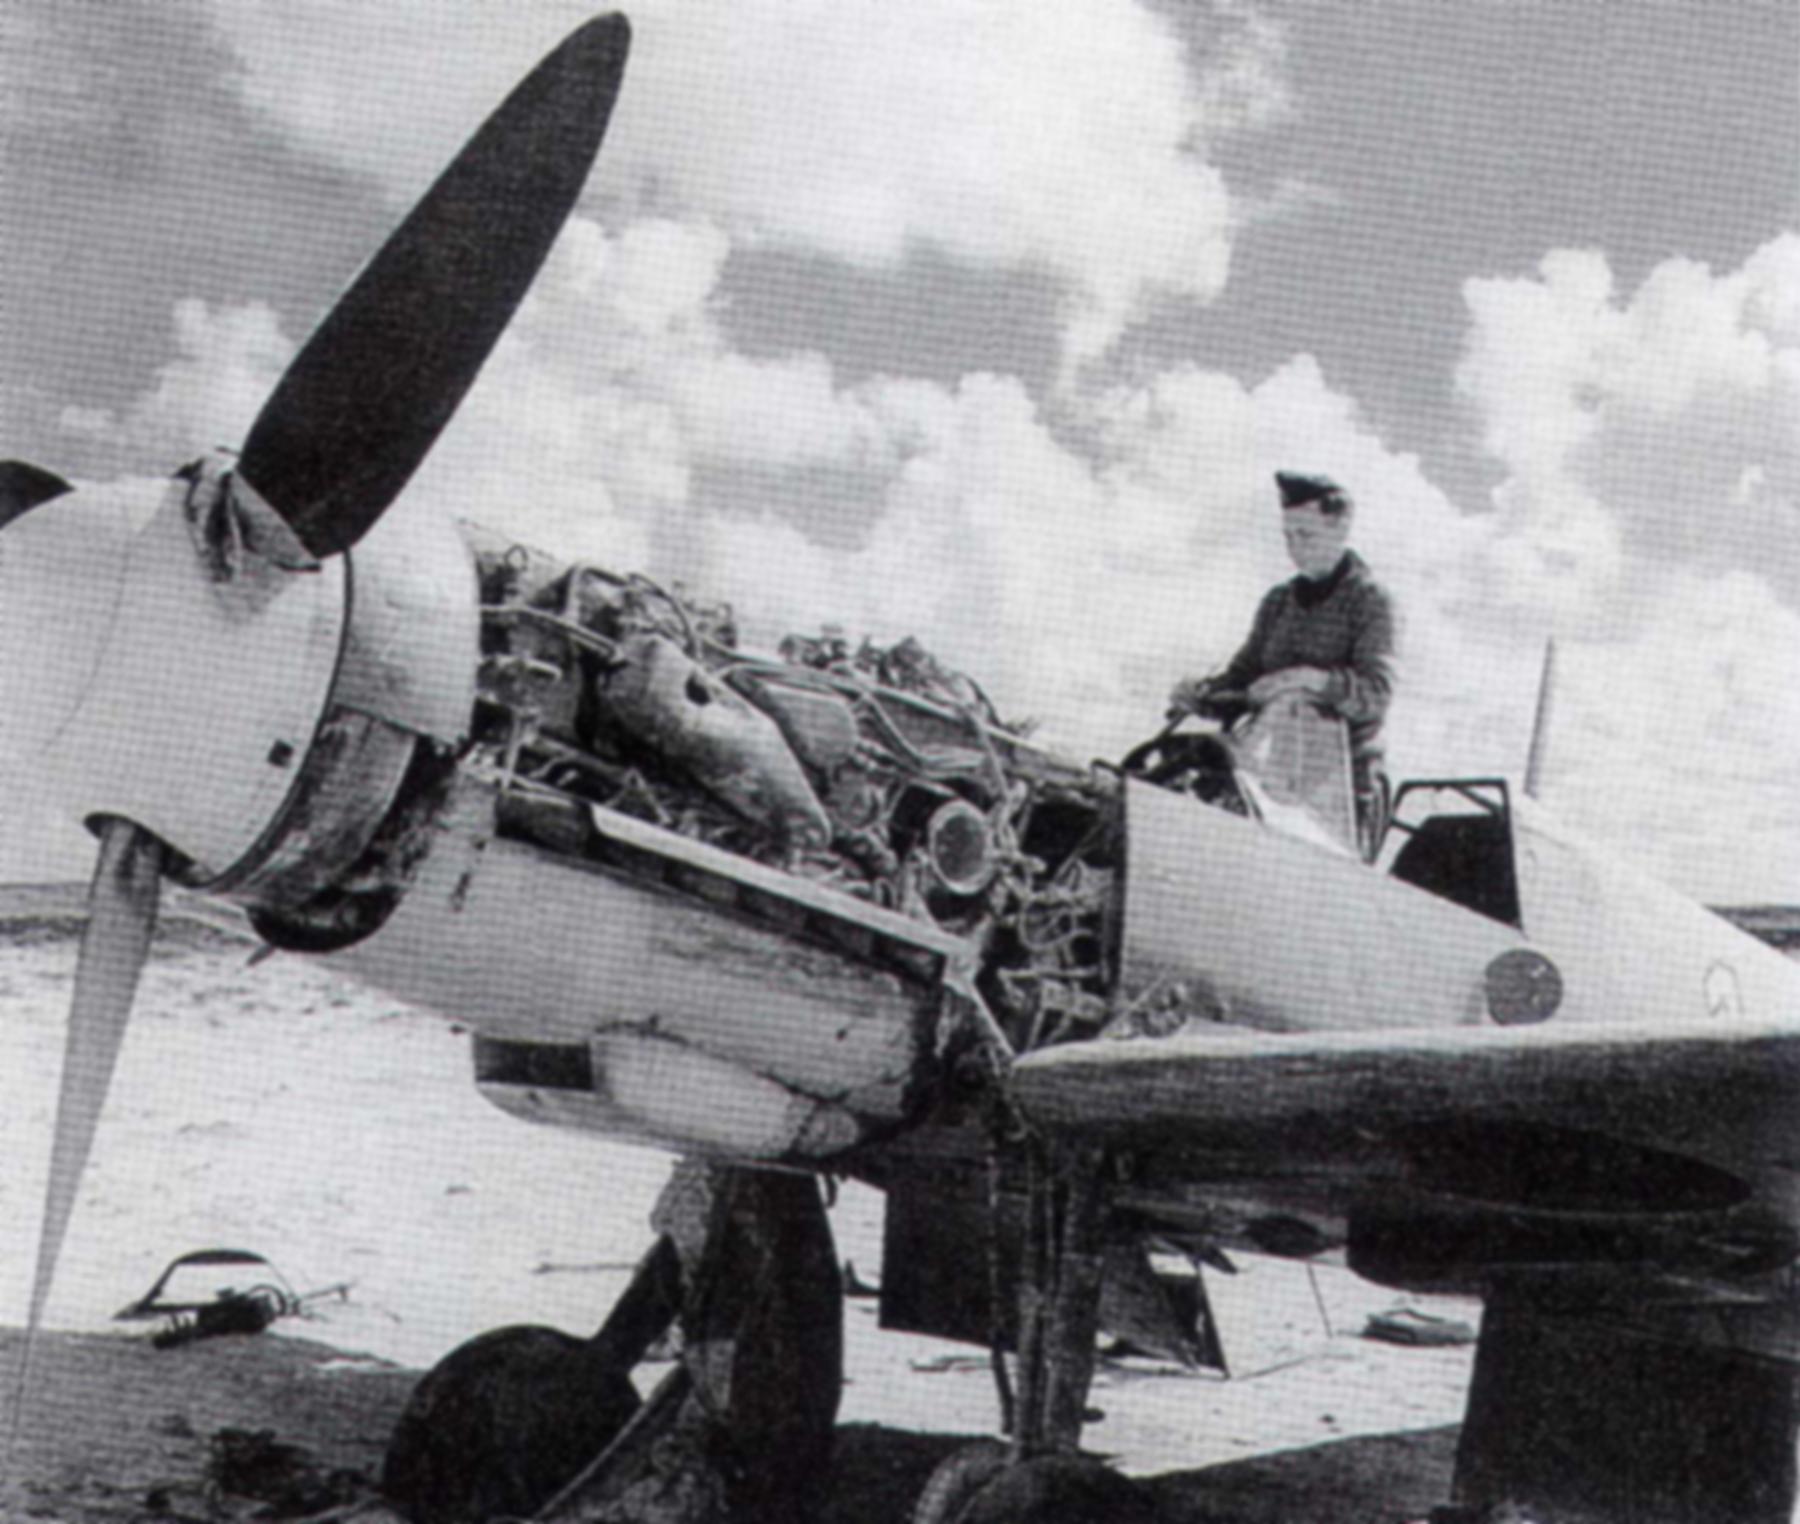 Messerschmitt Bf 109F4Trop 1.JG27 White 1 captured North Africa Nov 1942 01